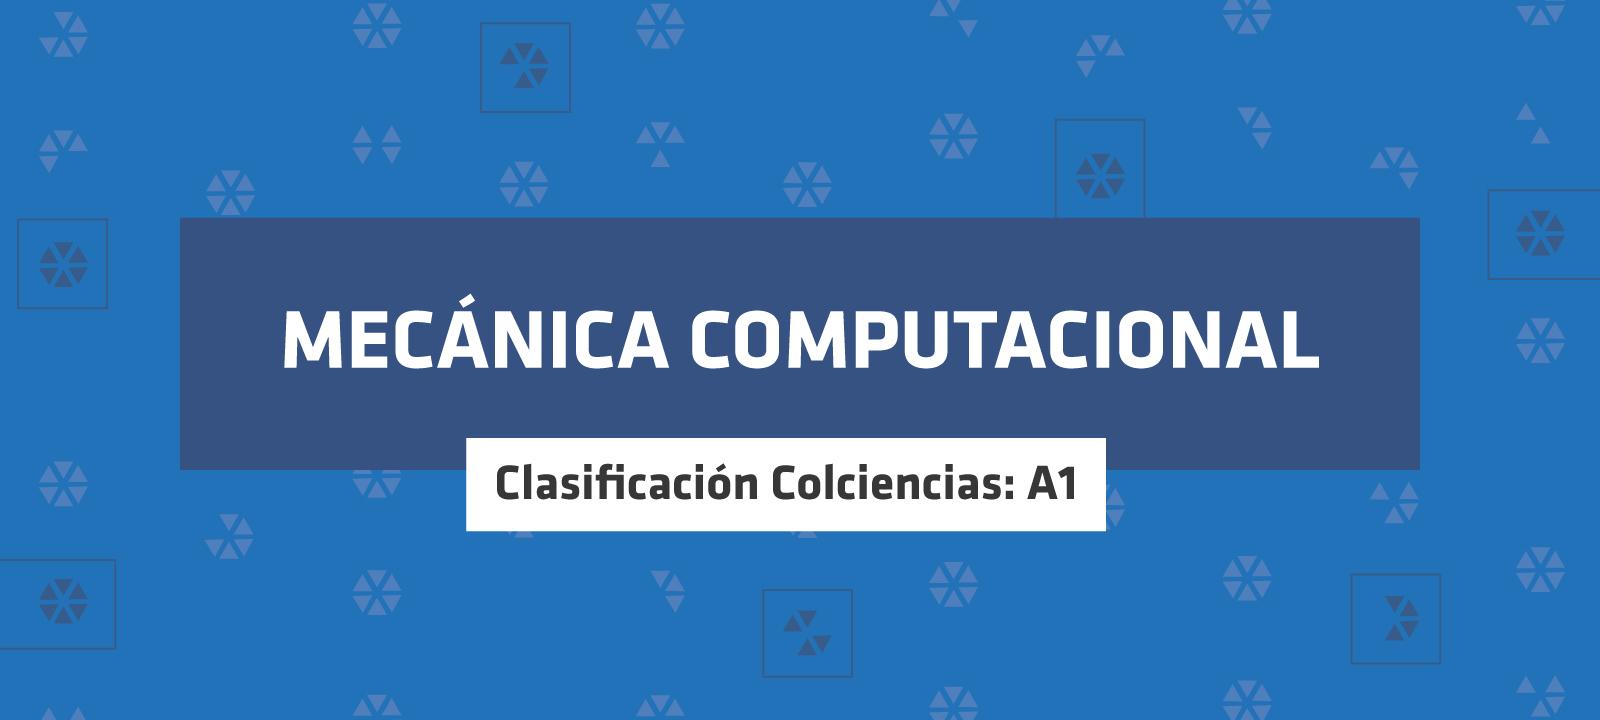 Grupo de investigación - Mecánica Computacional | Uniandes